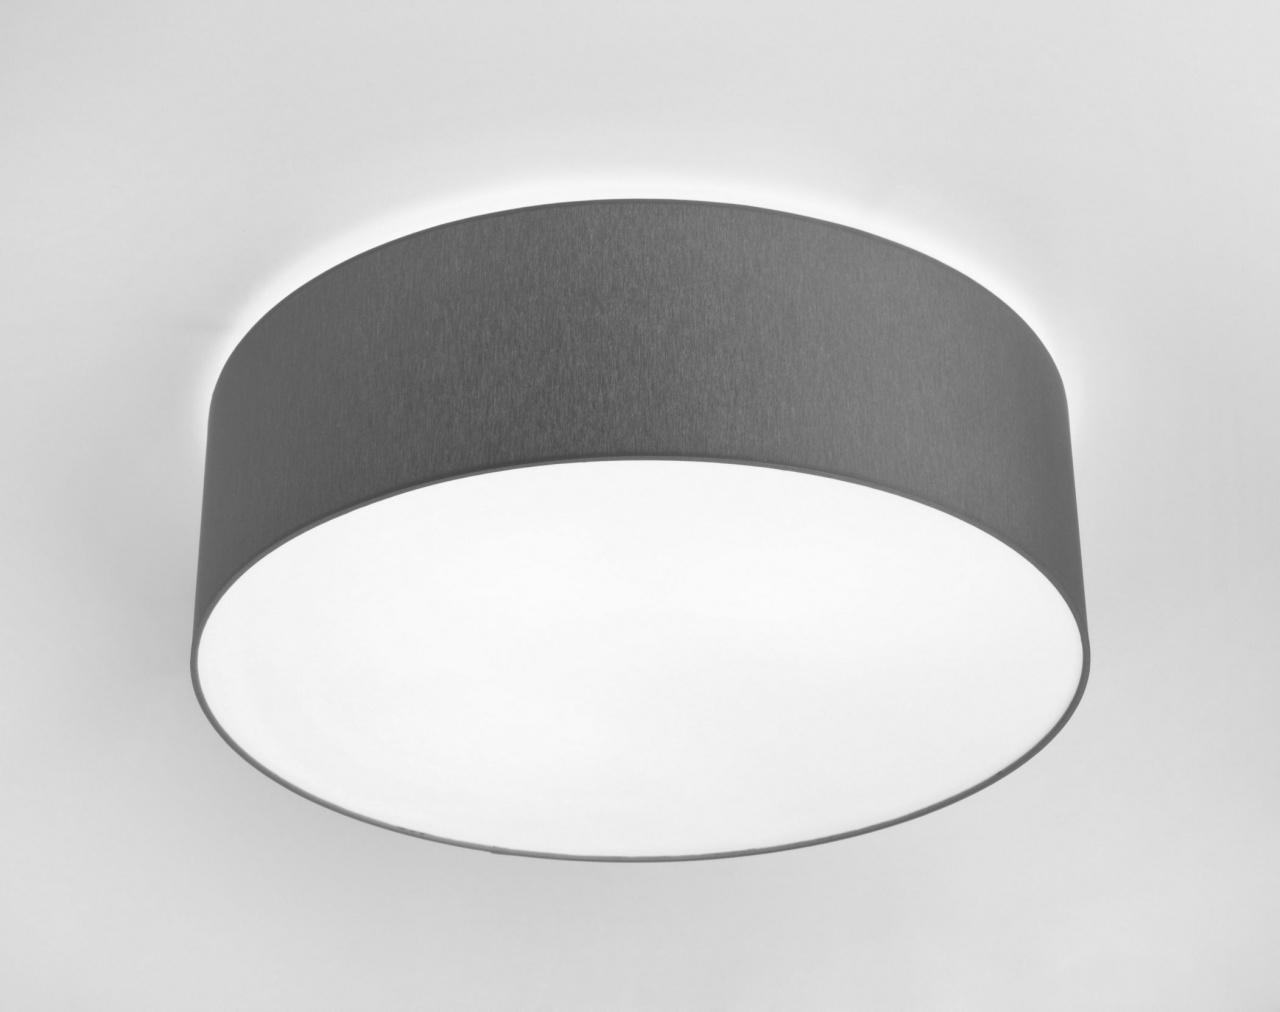 Потолочный светодиодный светильник Nowodvorski Cameron 9682 цена 2017